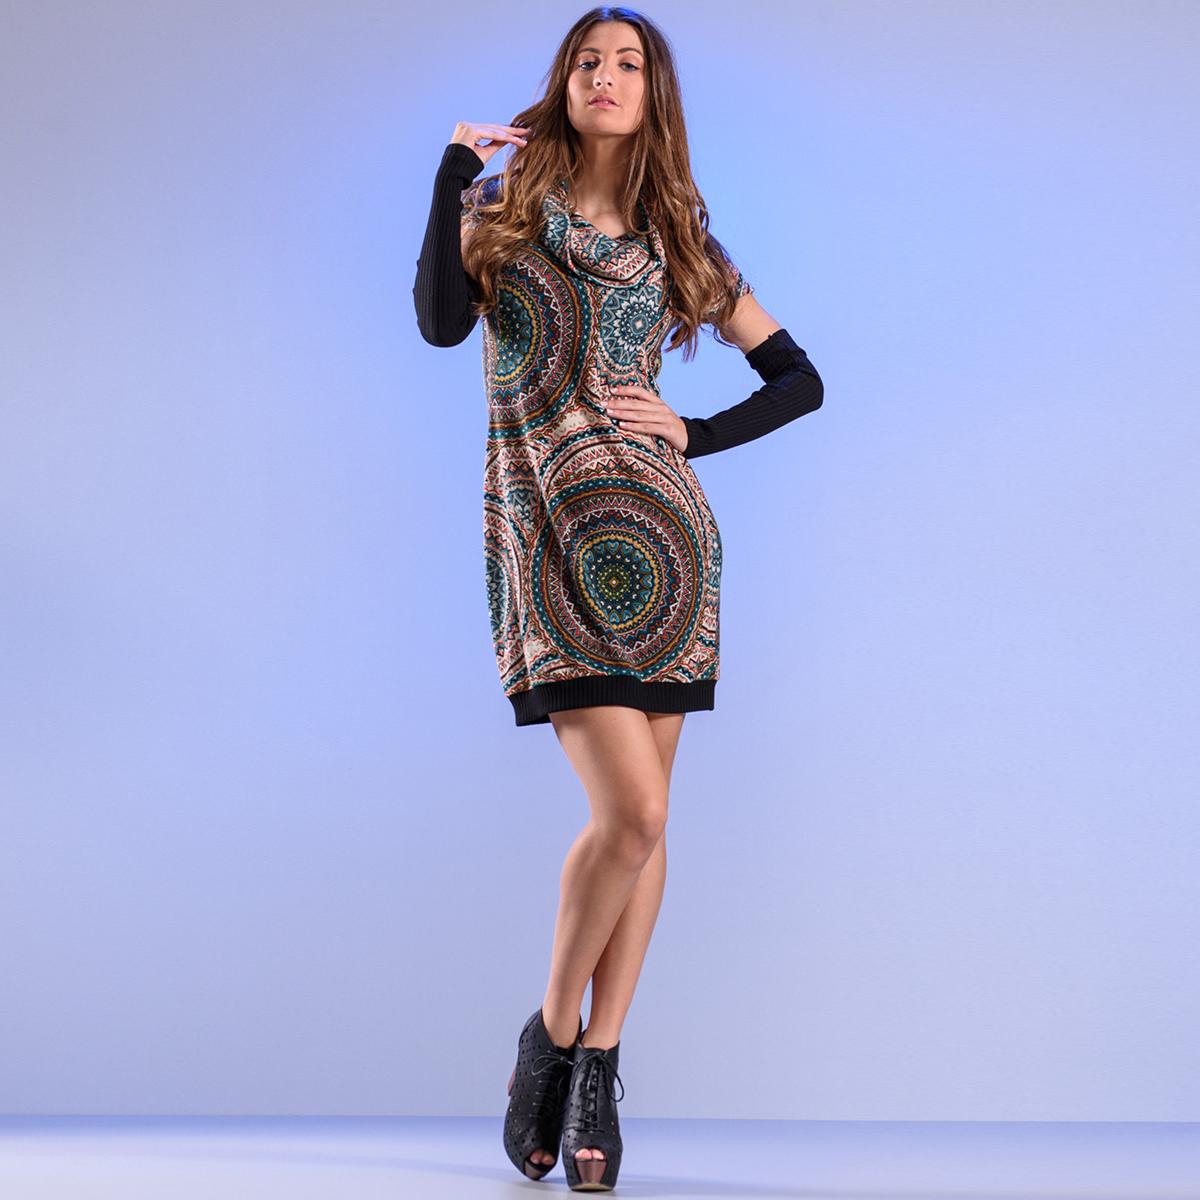 9c3cd1c4036c Νεανικά κοντά φορέματα καθημερινά - e-royxa.gr